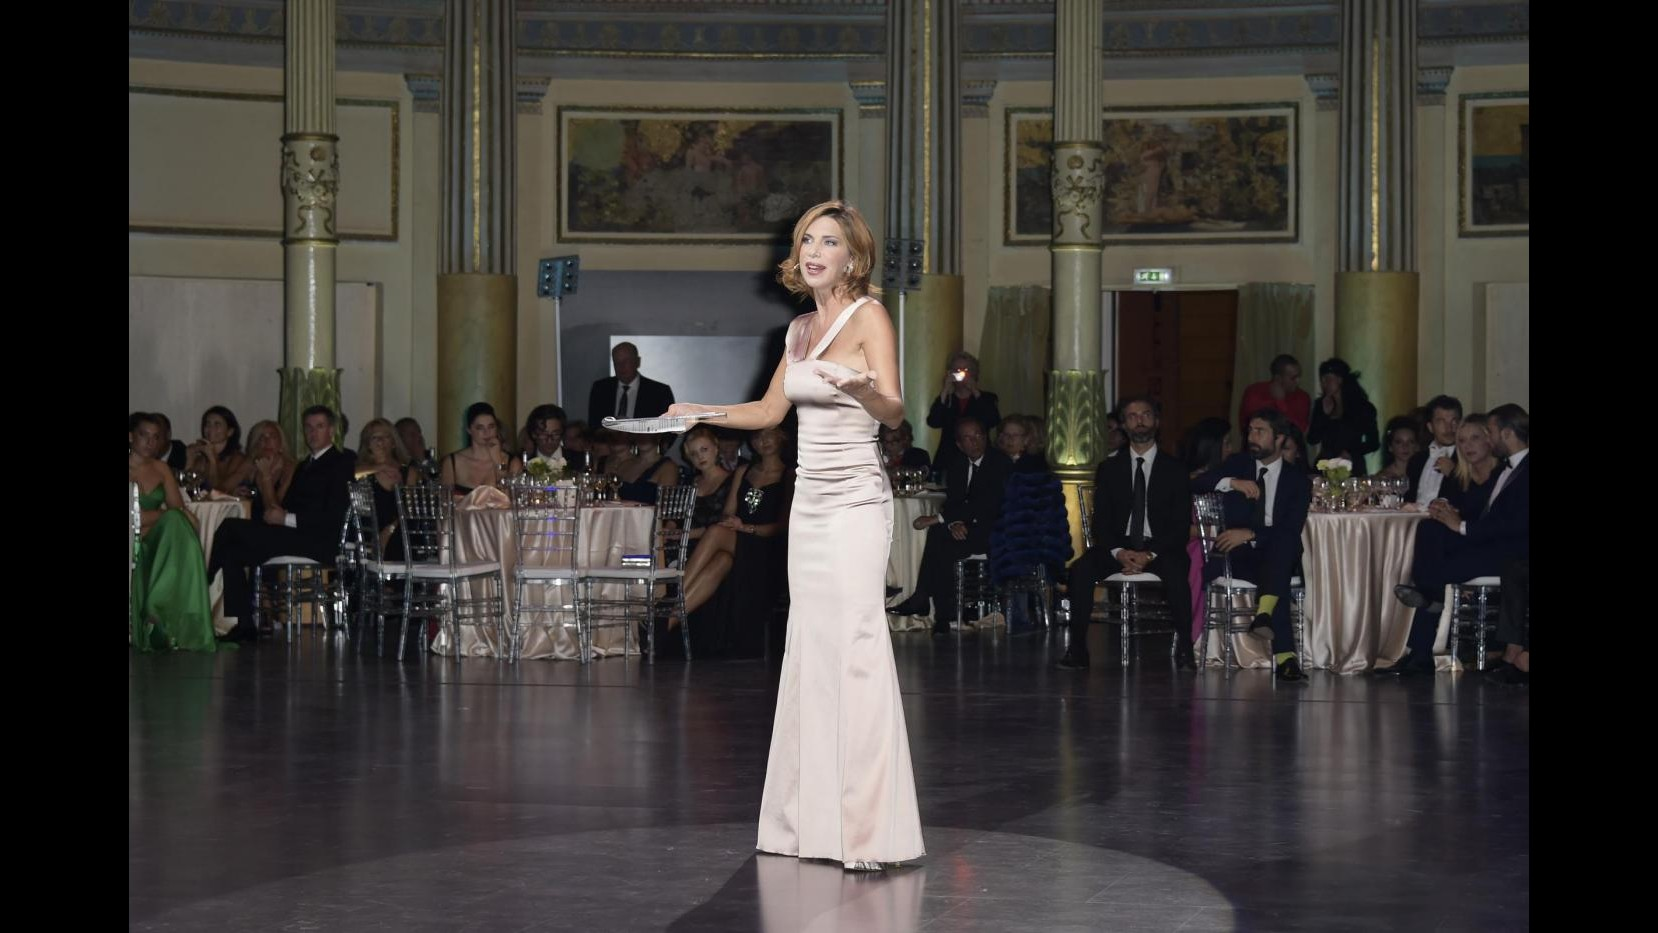 Veronica Maya romantica 'apre le danze' al Gran Ballo Viennese a Roma